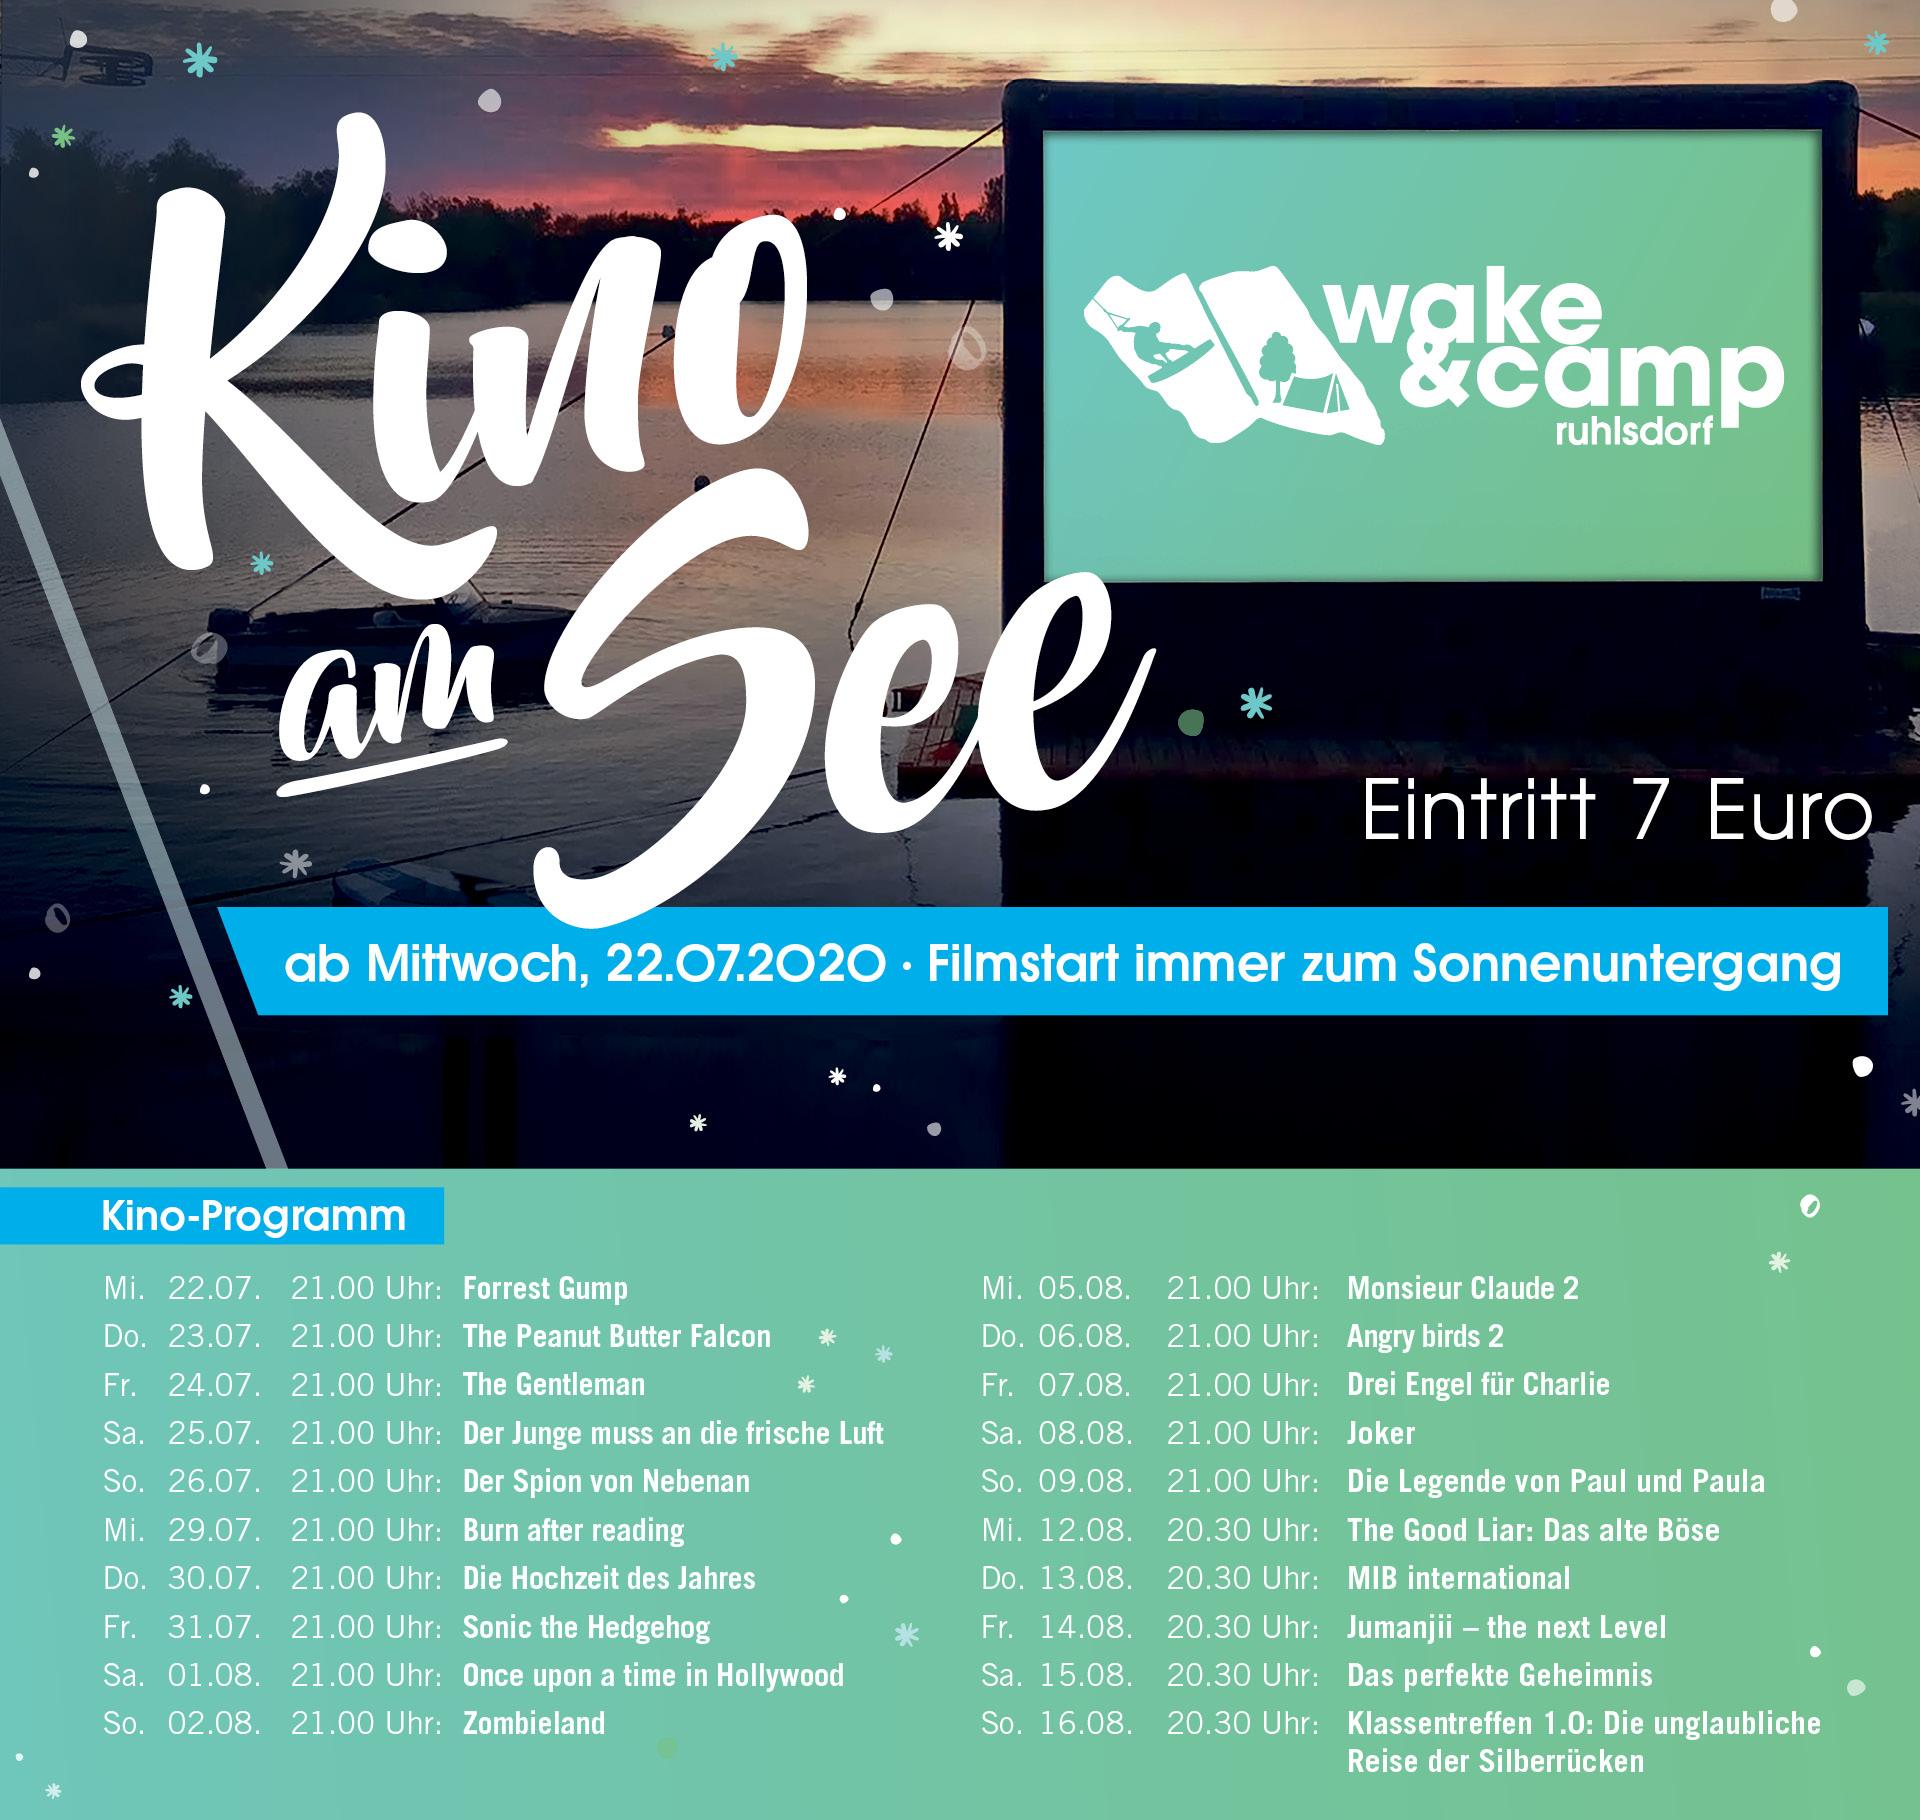 W&C_Kino+Programm